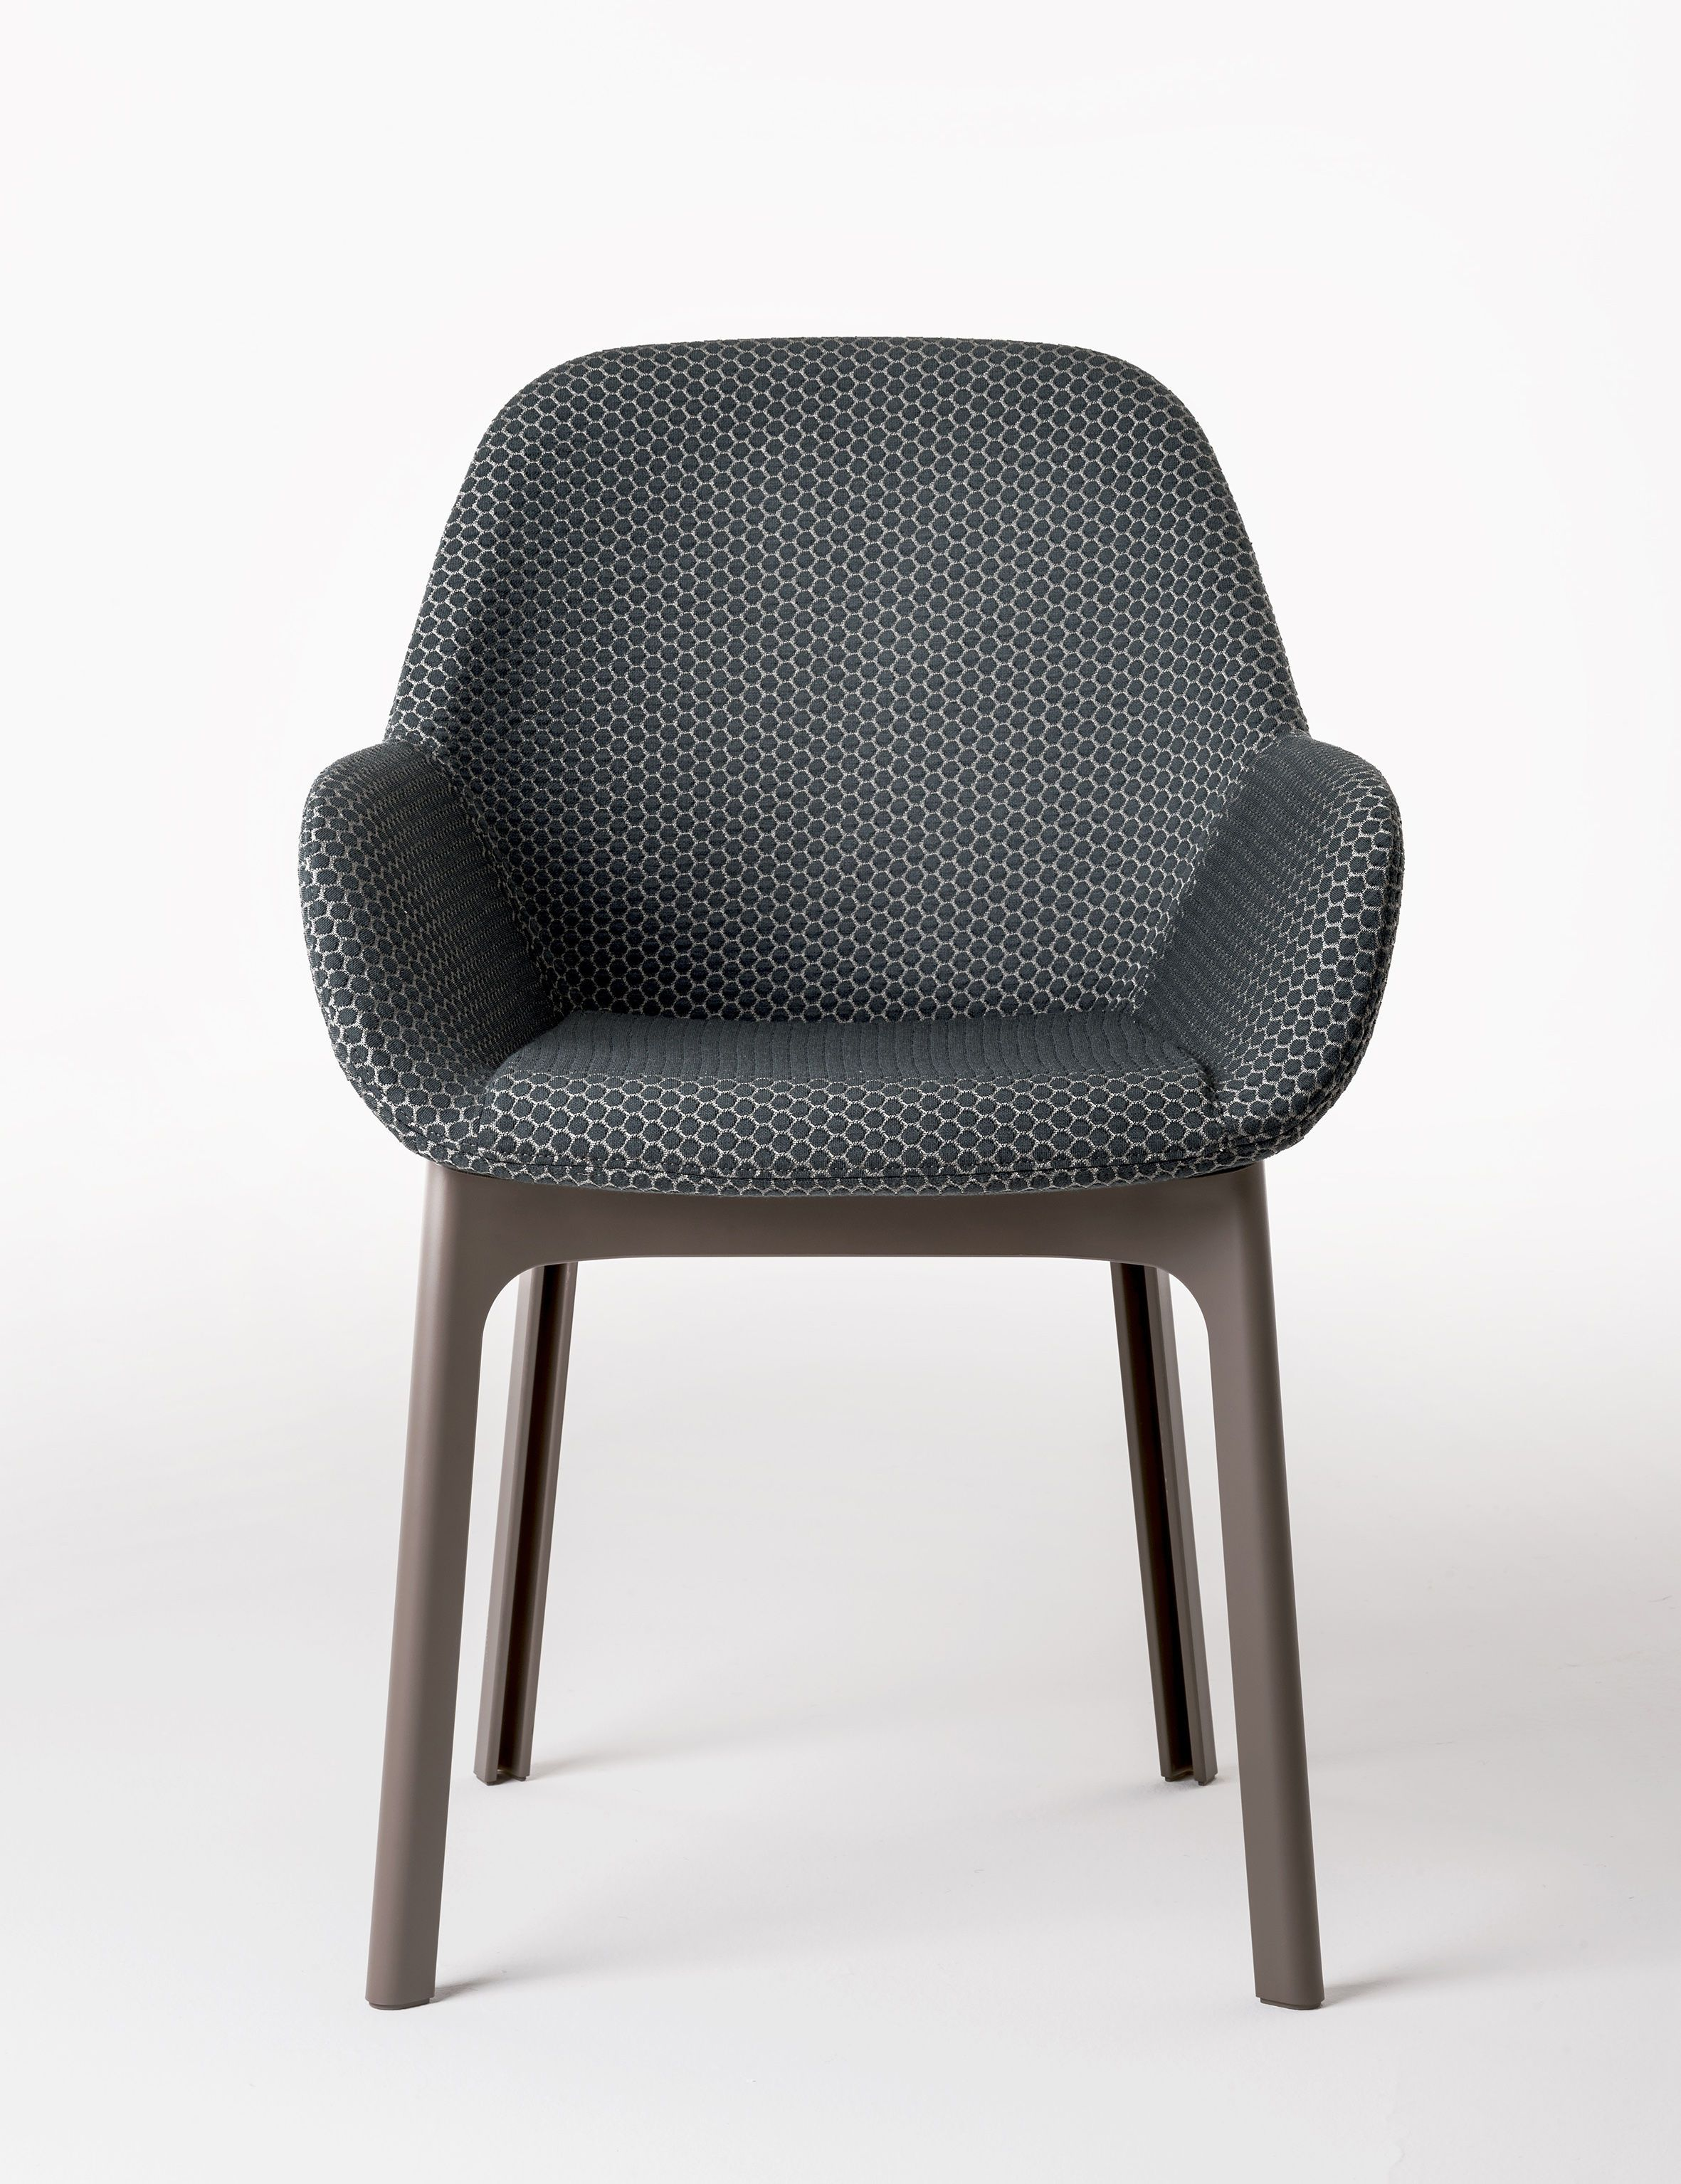 Impressionnant Chaise Fauteuil Tissu Décoration Française - Chaises chez conforama pour idees de deco de cuisine